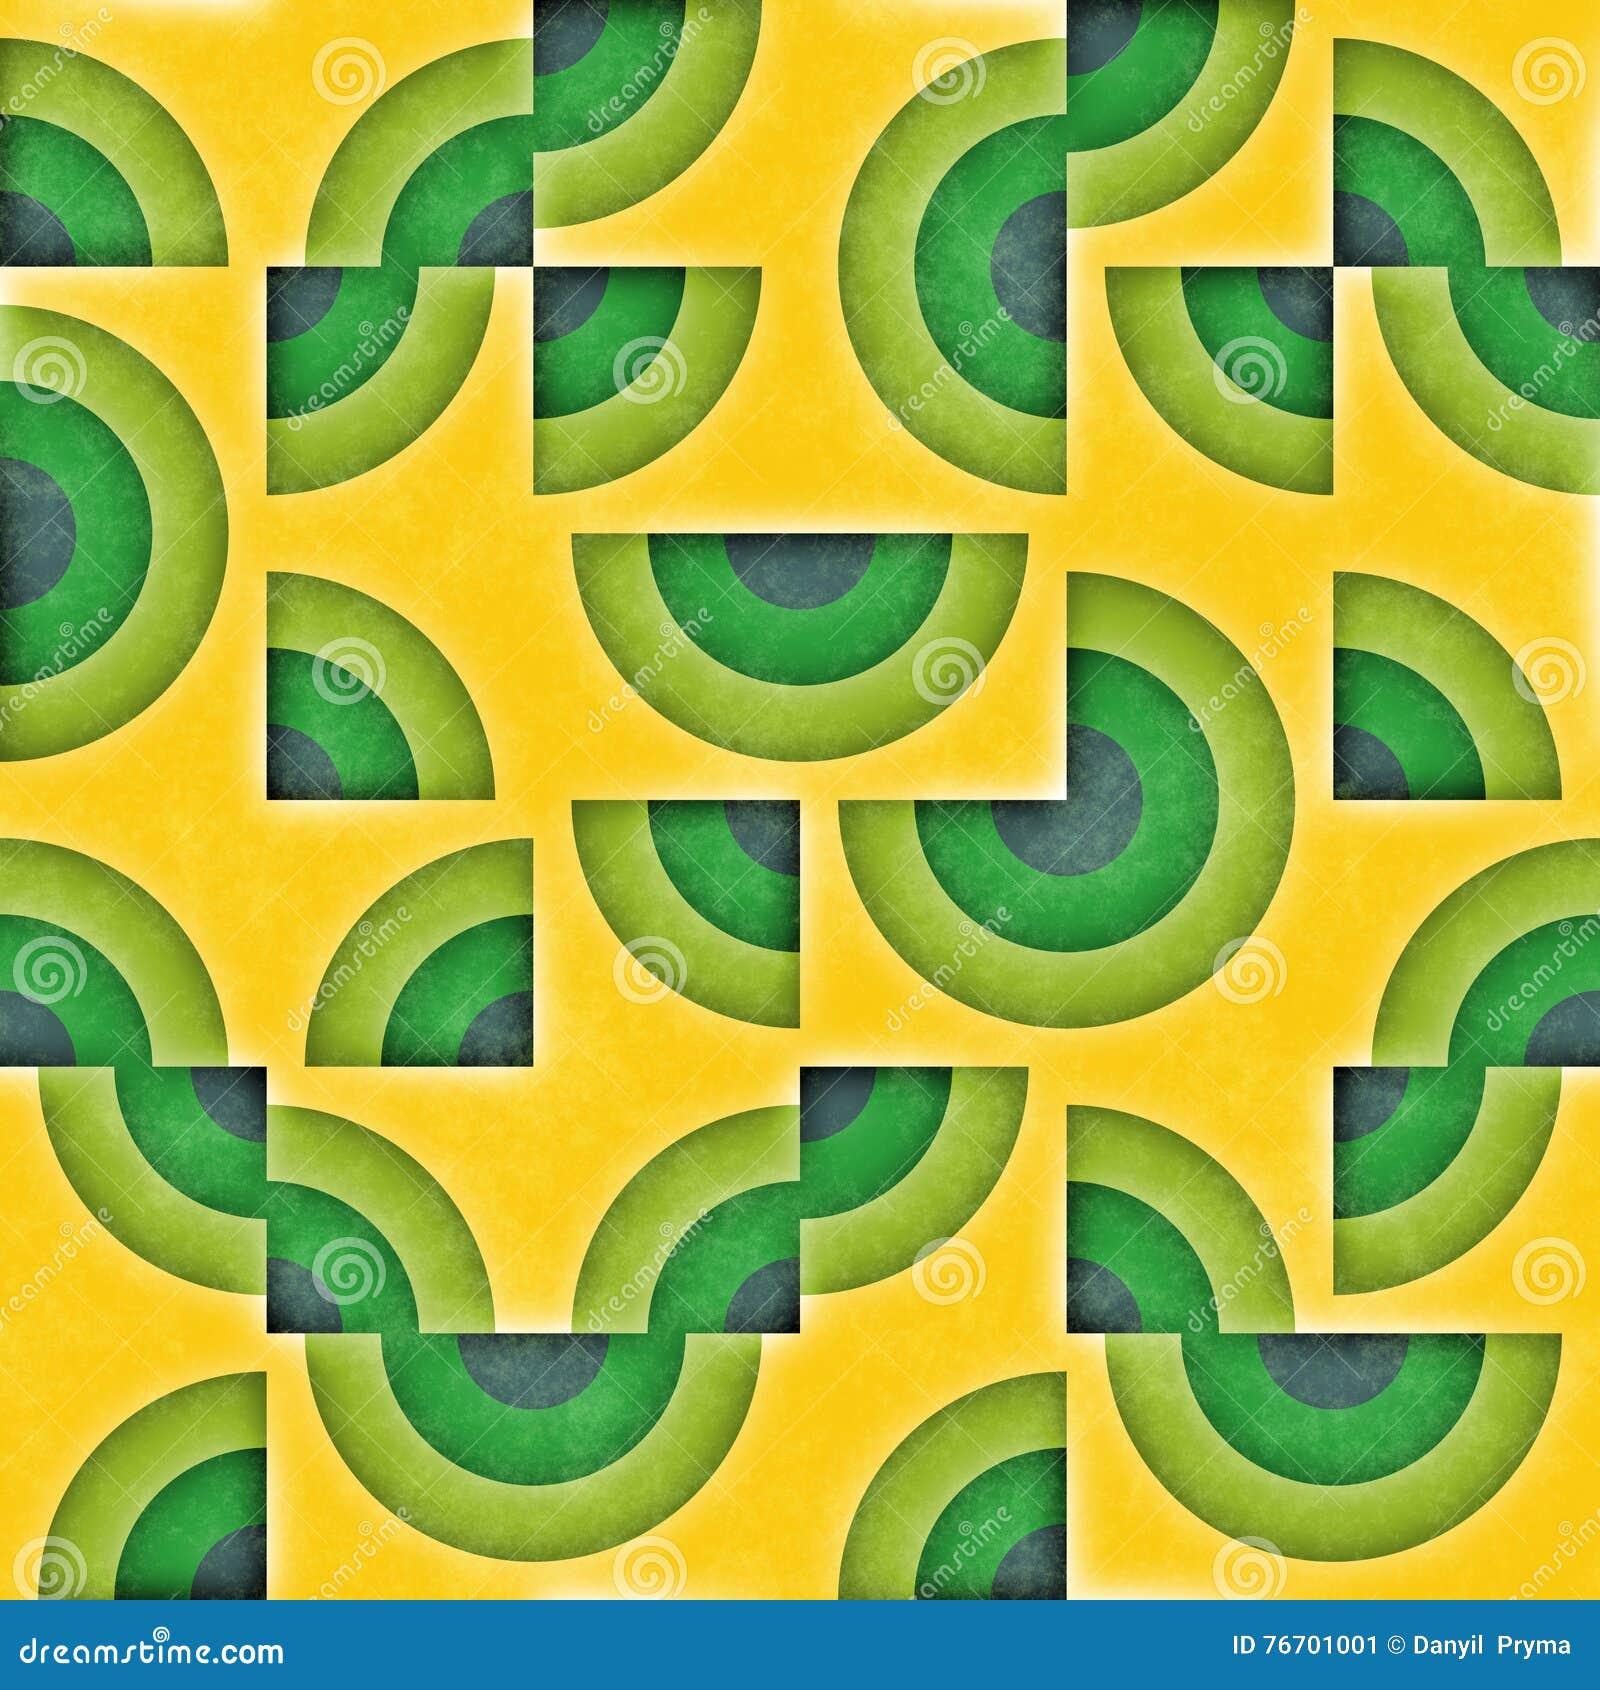 Raster sömlösa geometriska Patttern